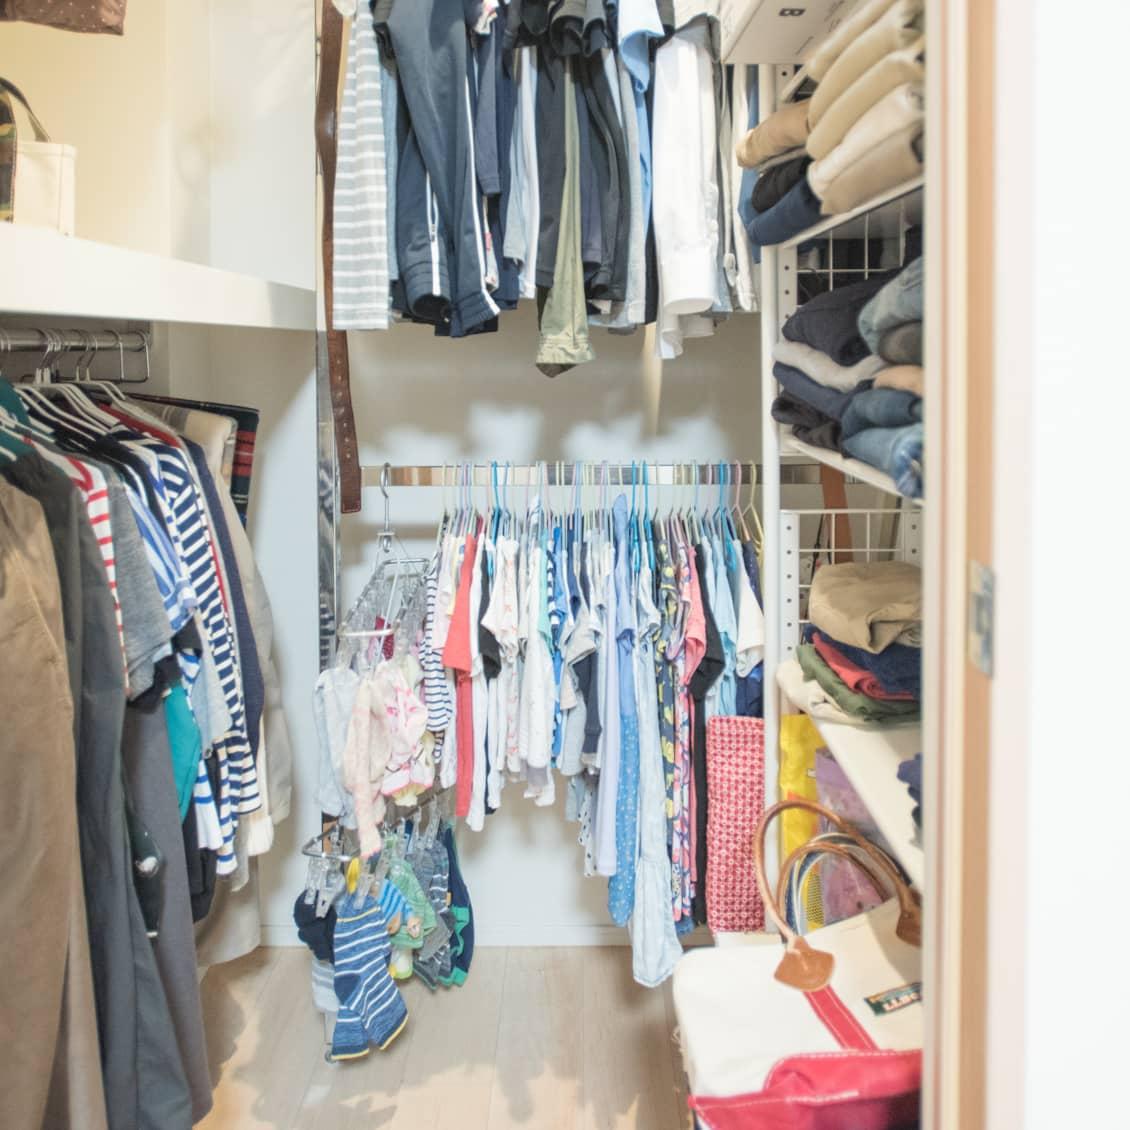 ハンガーを使った子供服の収納術や、サイズアウト した服の整理整頓方法